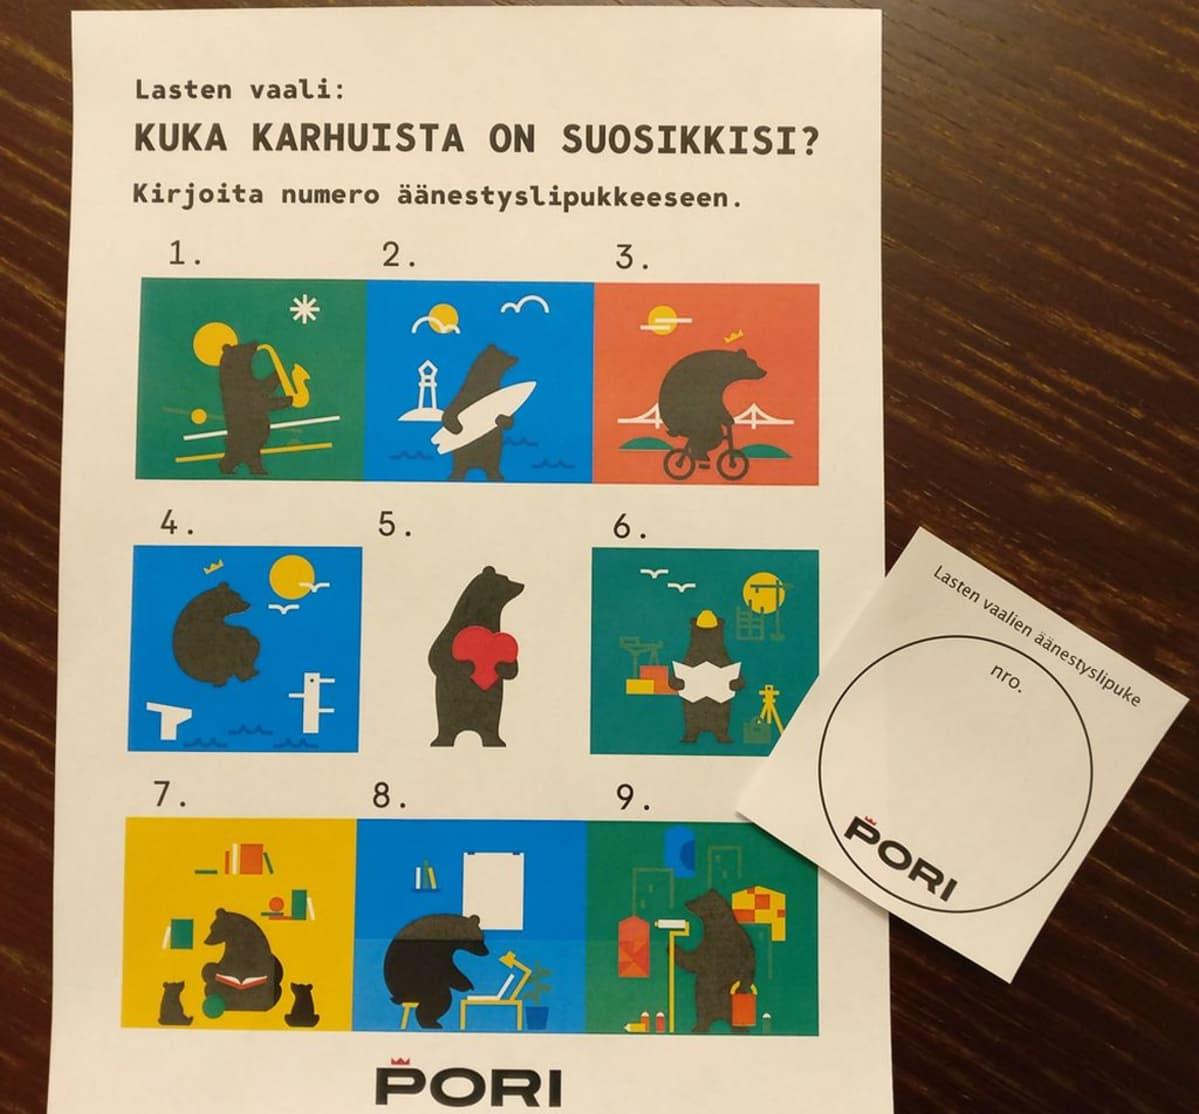 Lasten vaalit Porissa 2018.